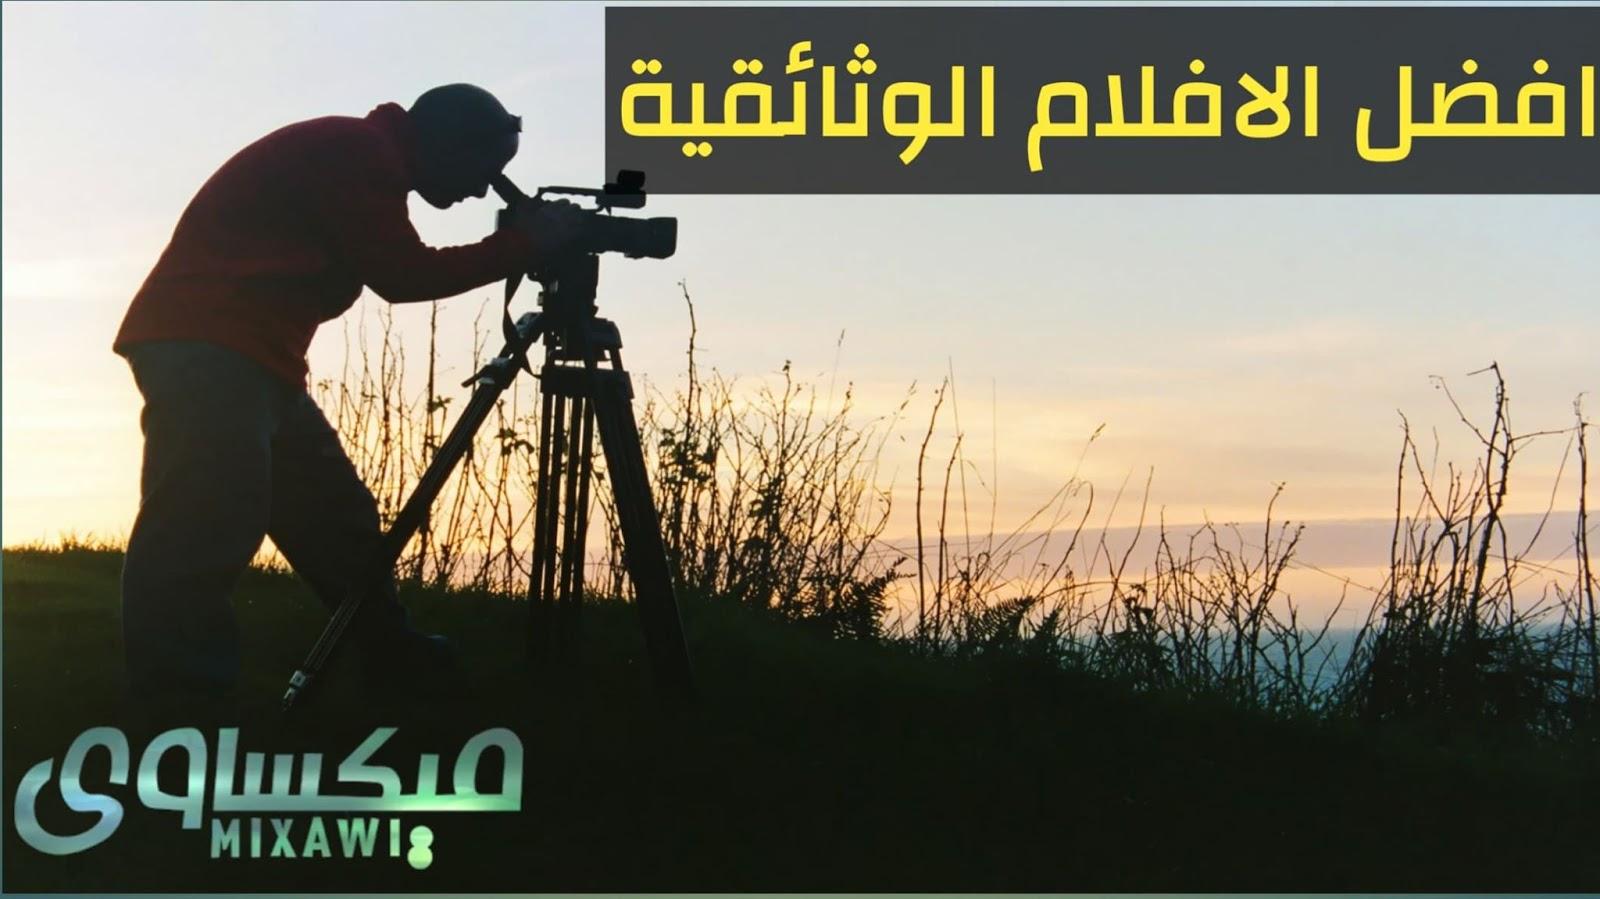 mixawi.com